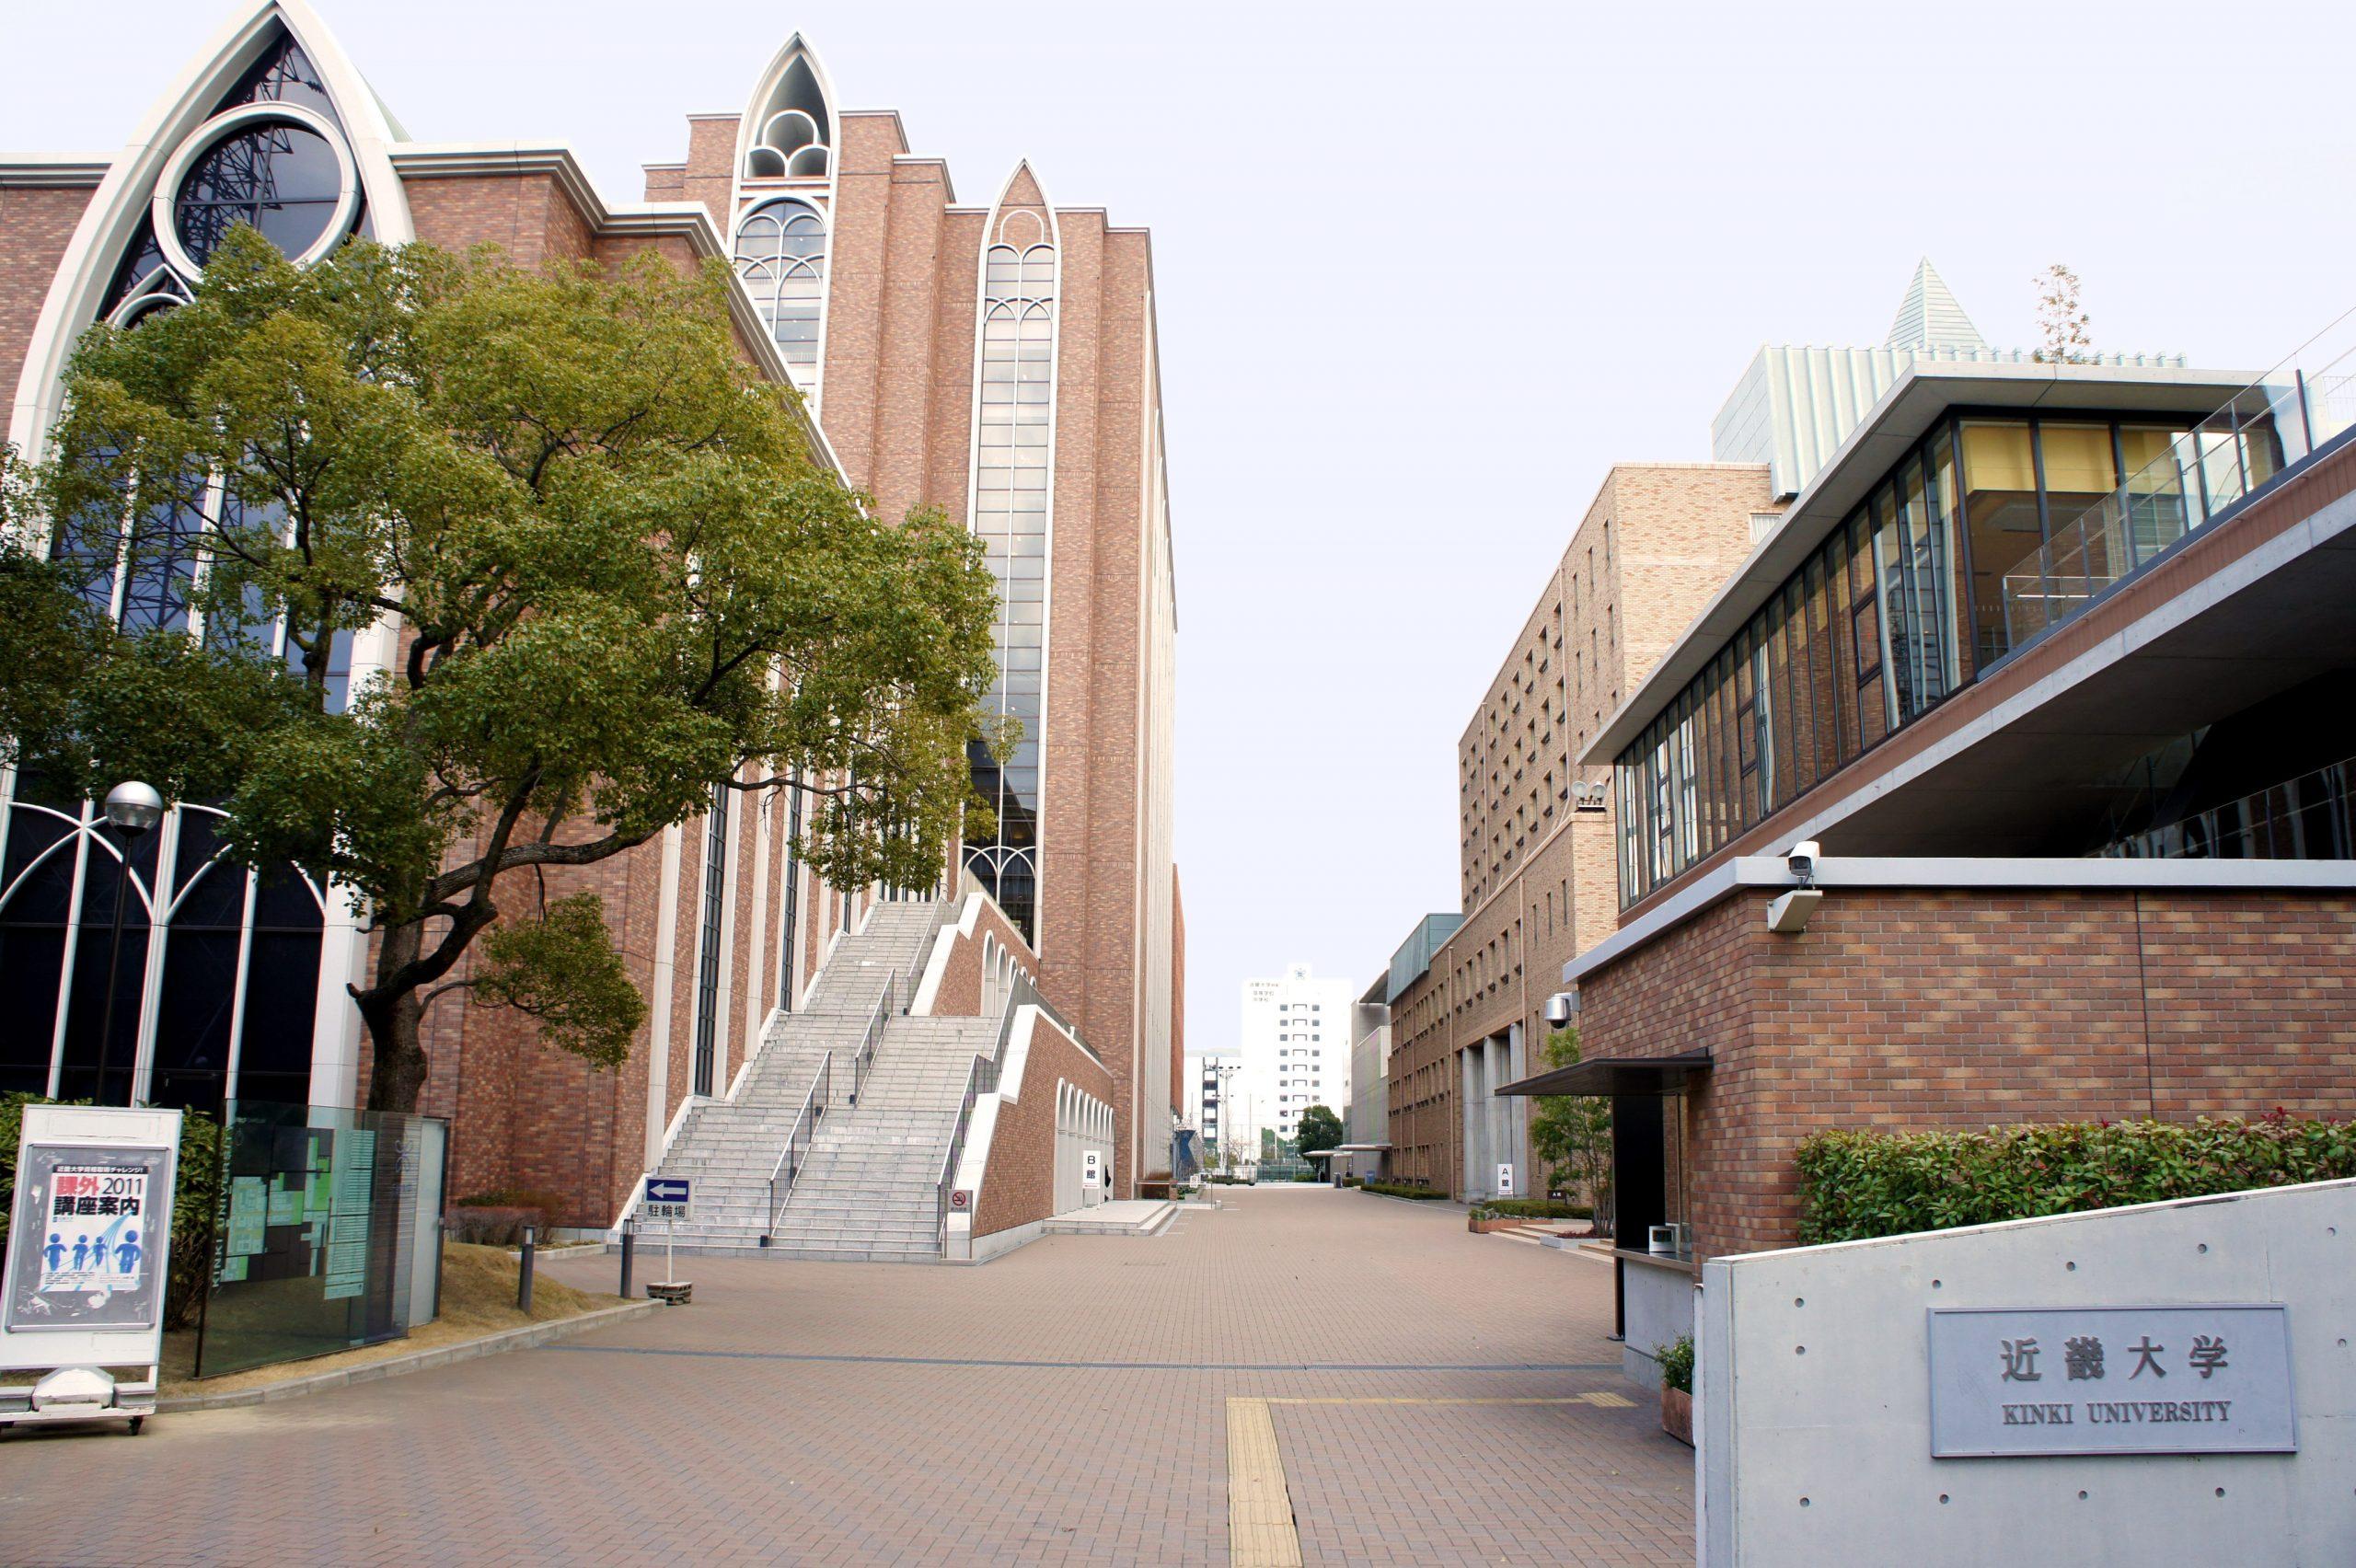 近畿大学のキャンパスの写真…のようです。行ったことないけど!